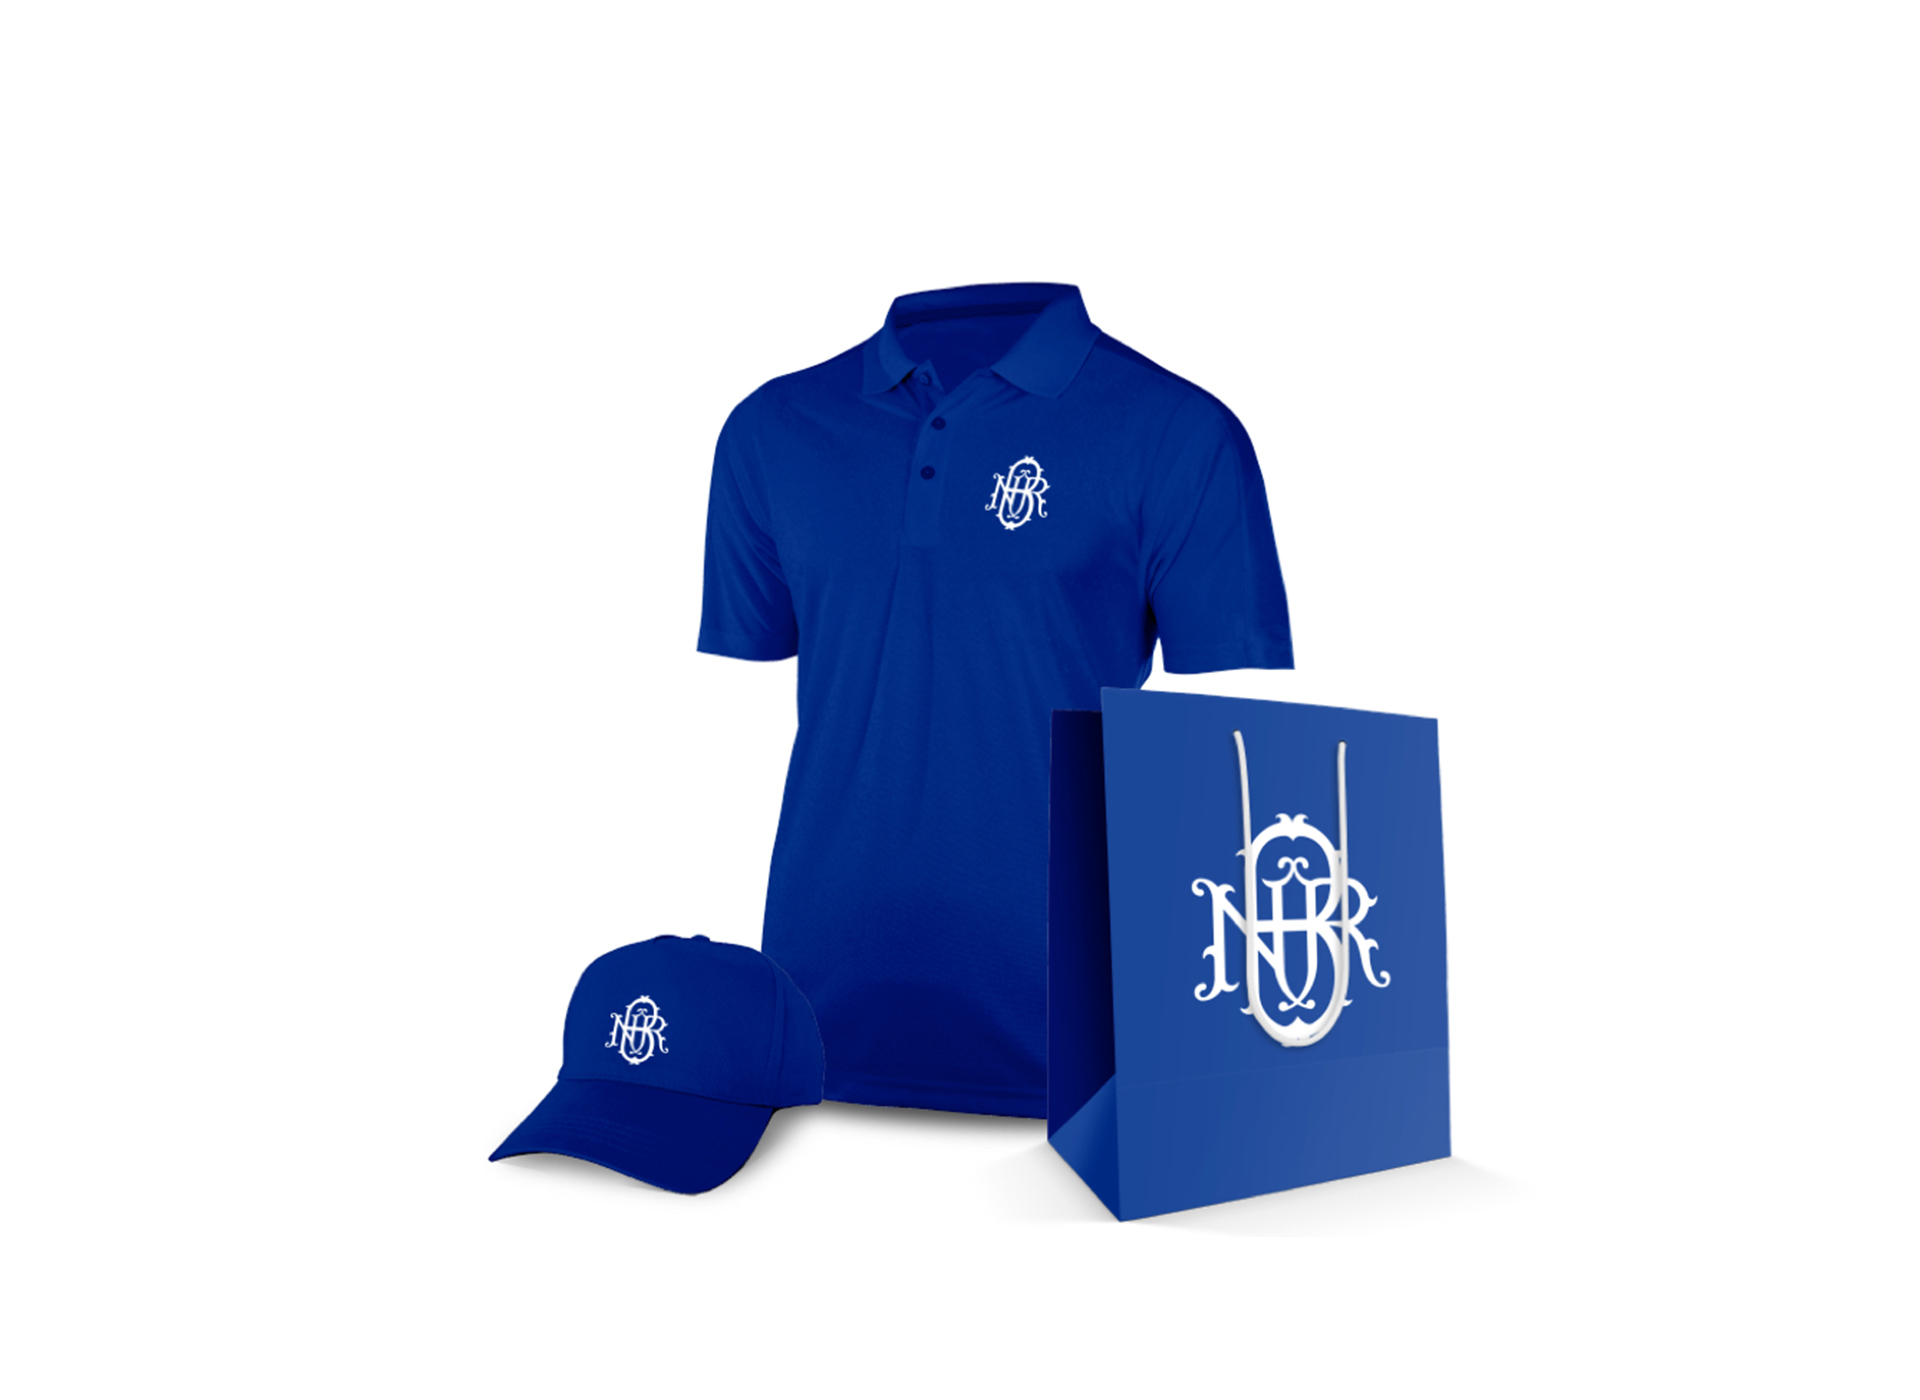 bnr merchandise